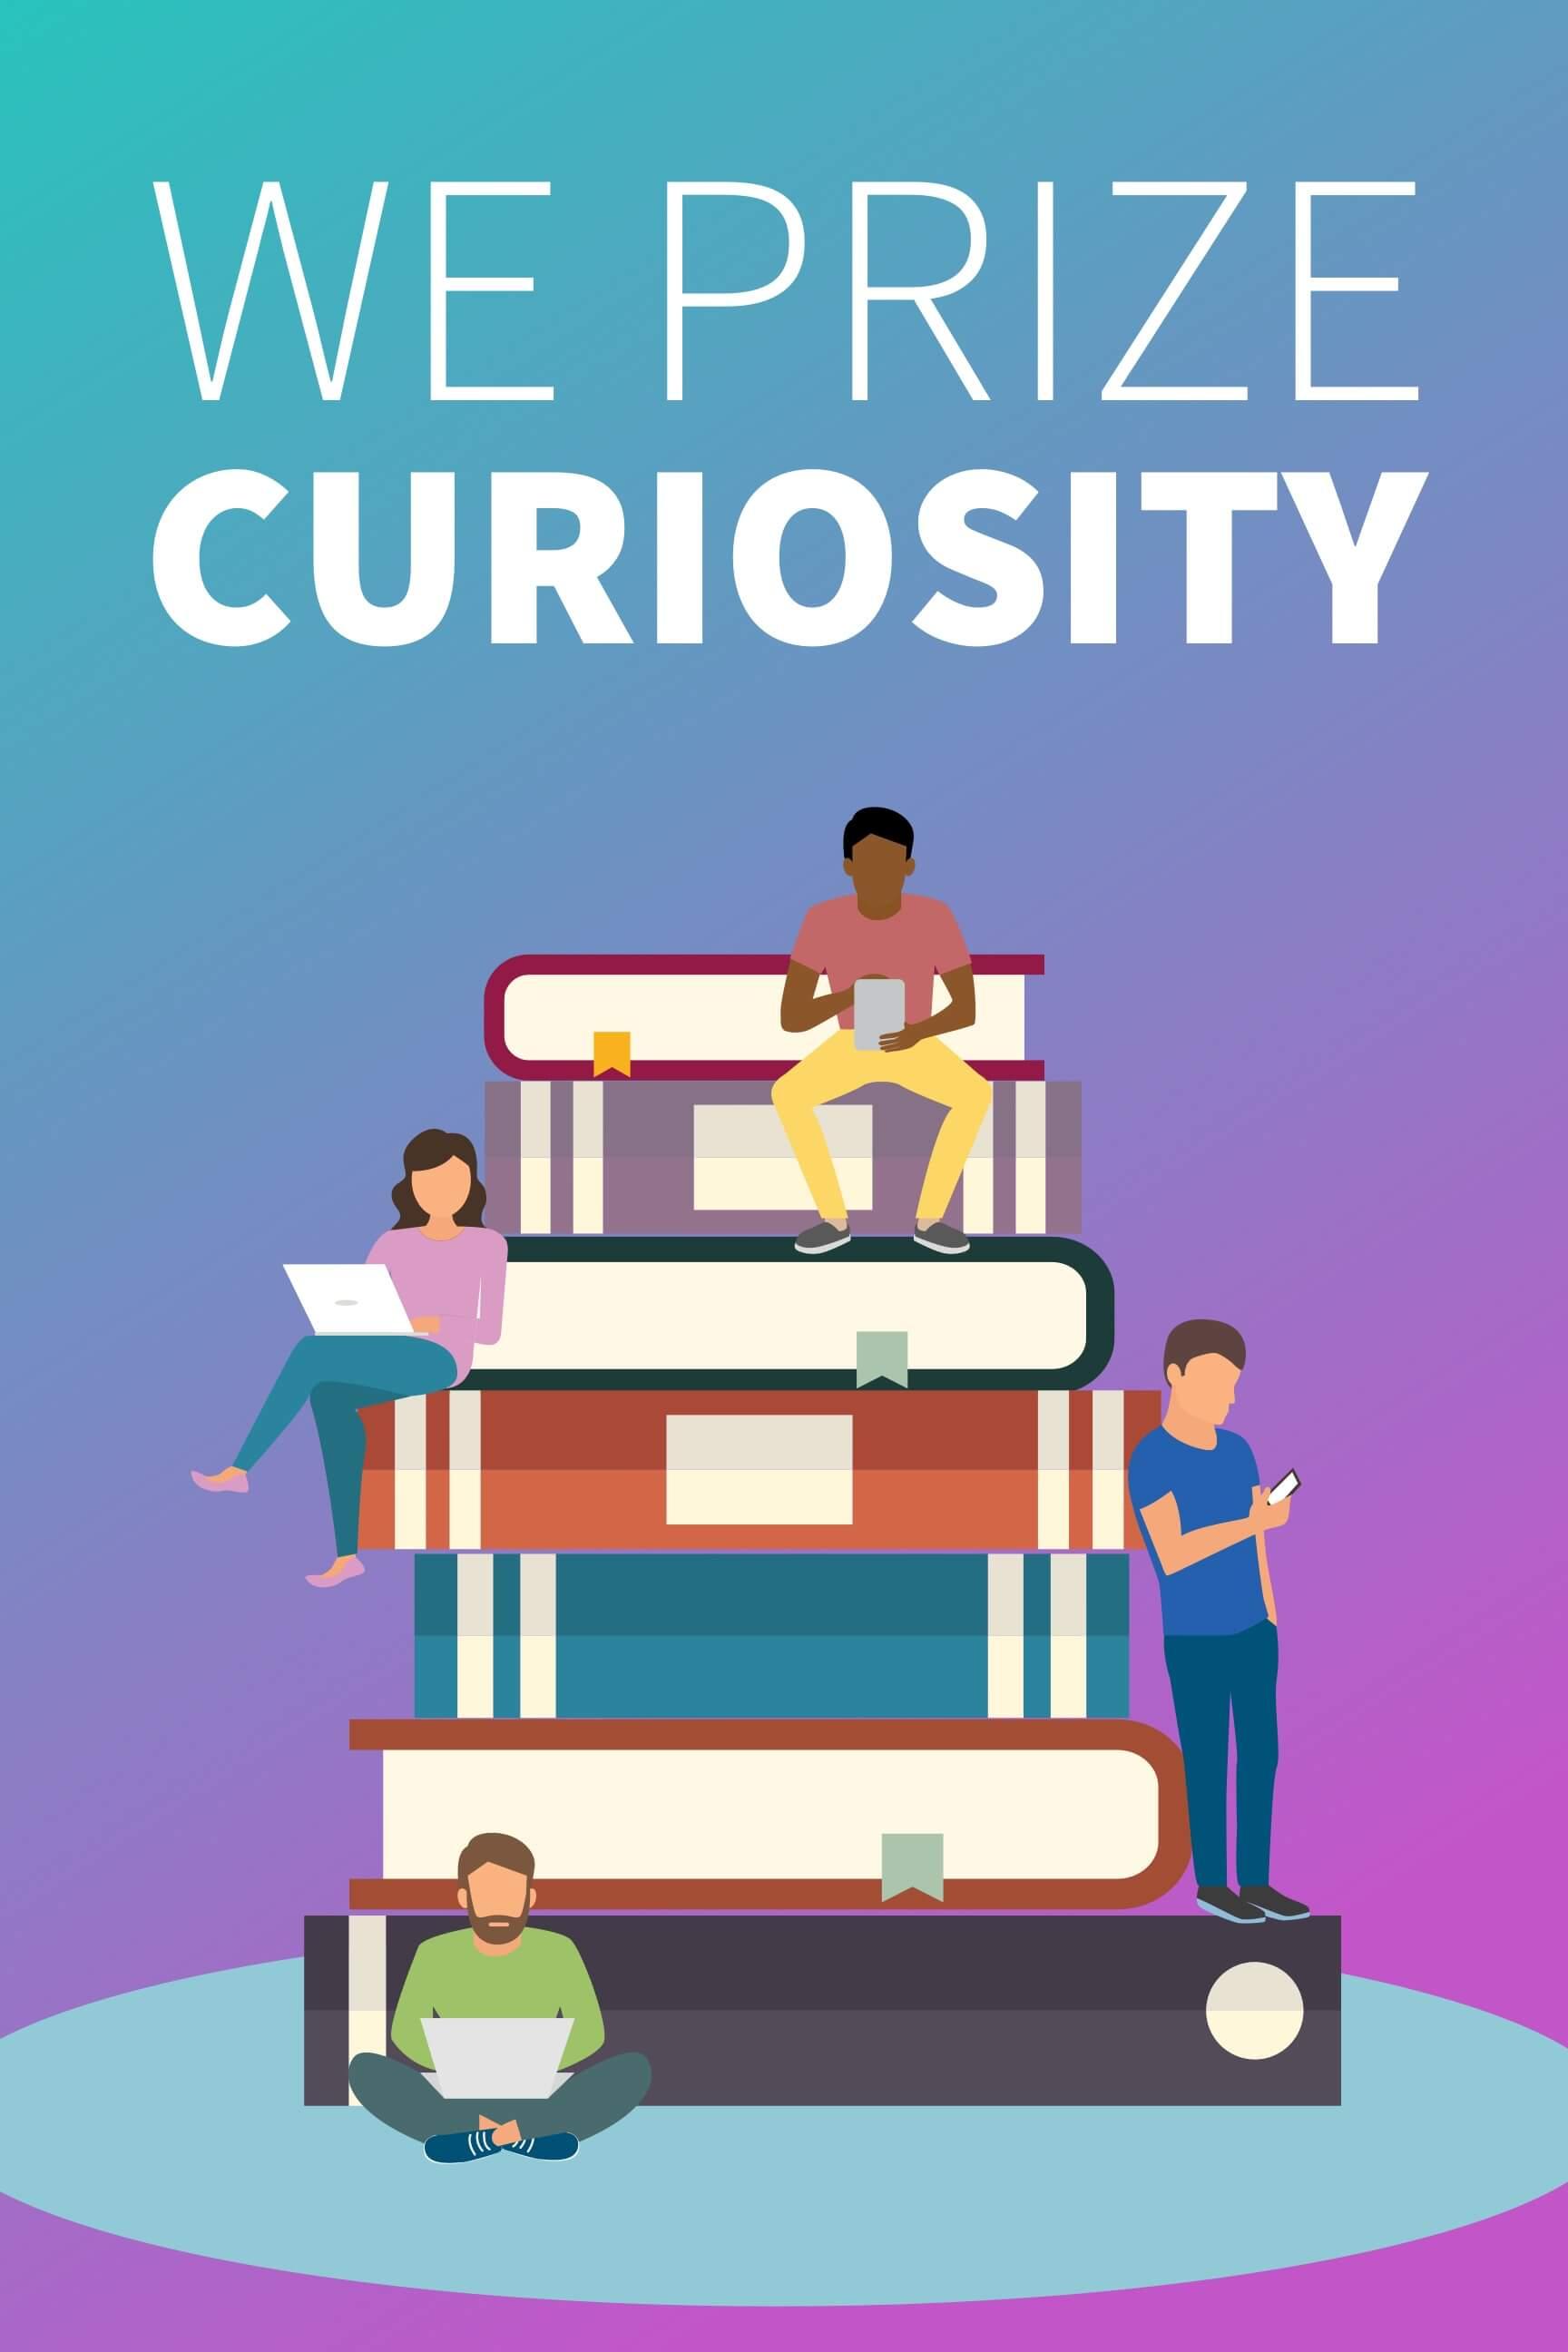 We prize curiosity